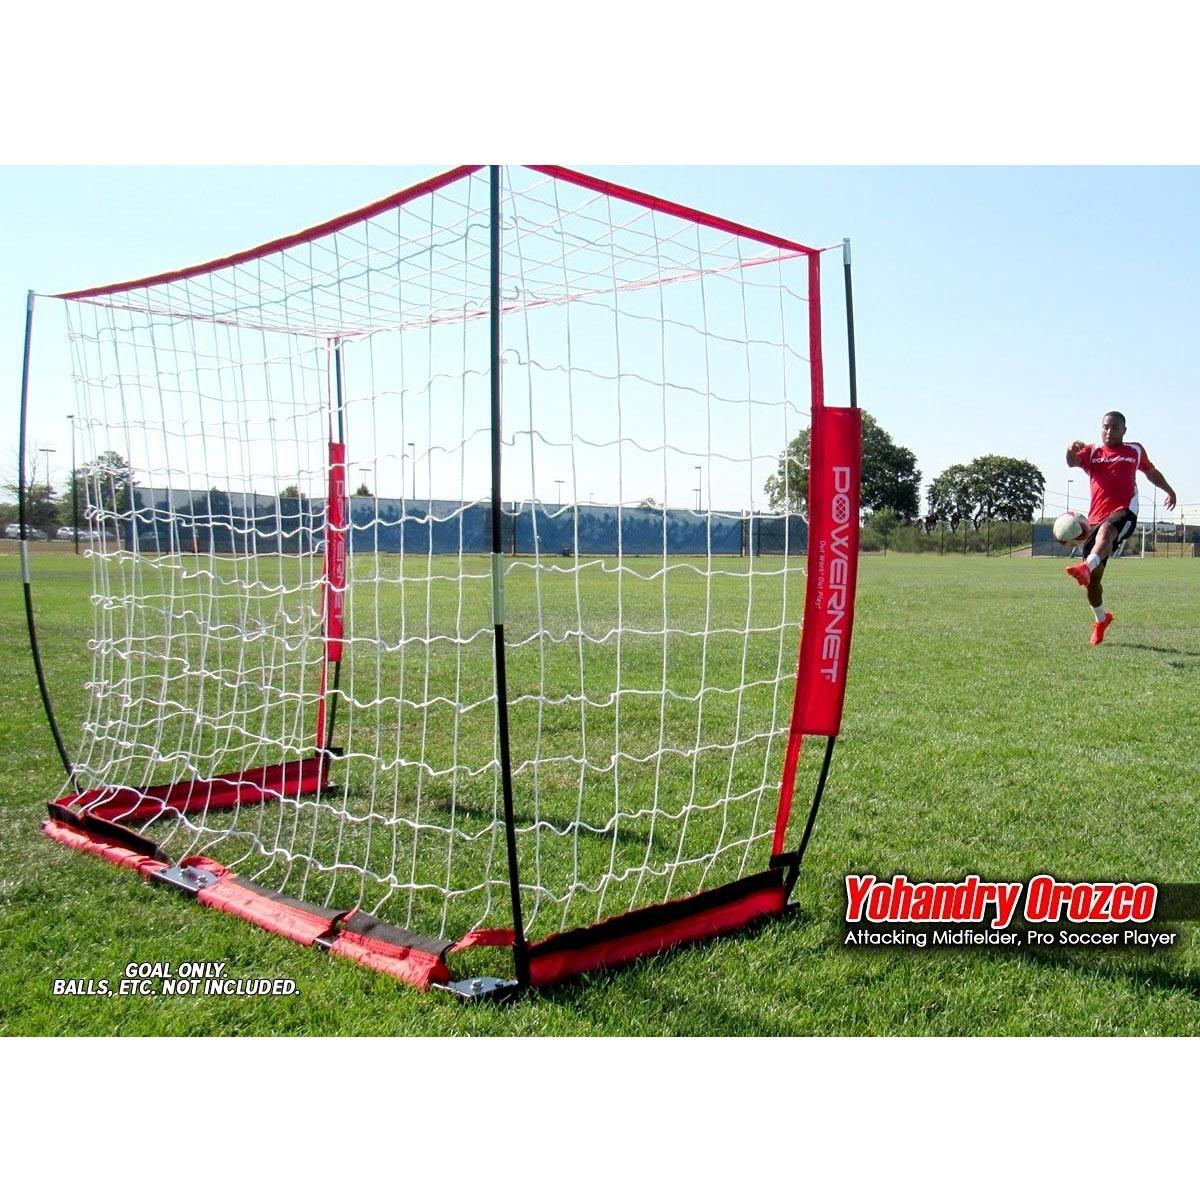 616241015 POWERNET 4' x 6' Pop Up Soccer Goal - A12-505